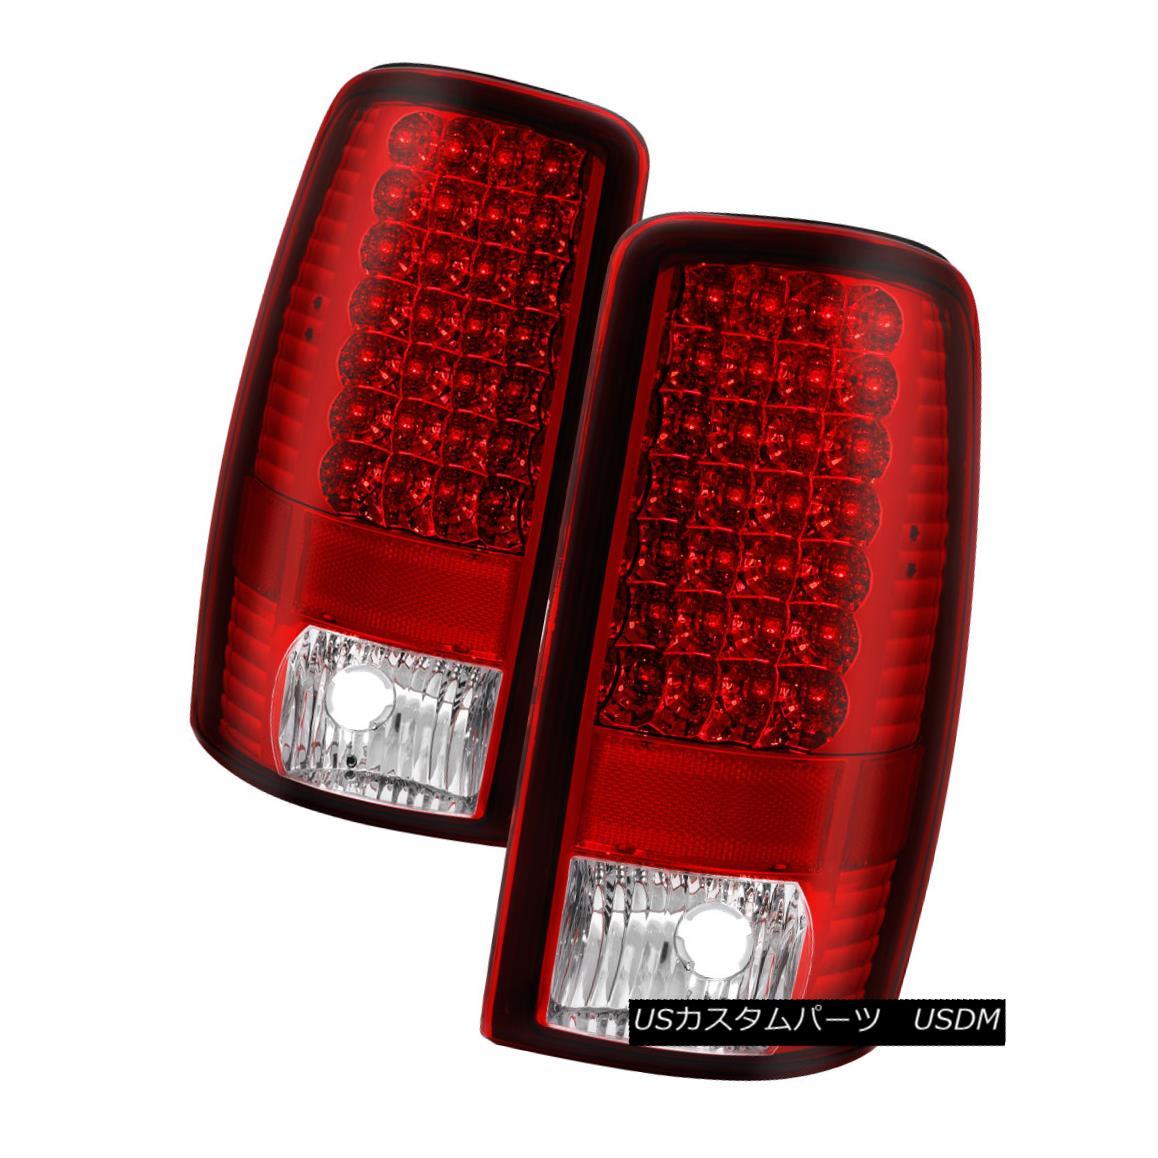 テールライト Chevy 00-06 LT Suburban SLEペア Tahoe Yukon Red LT LED Tail Brake Lights LS LT SLT SLE Pair Chevy 00-06 Suburban Tahoe YukonレッドLEDテールブレーキライトLS LT SLT SLEペア, eサプリ東京:6d78bf94 --- officewill.xsrv.jp